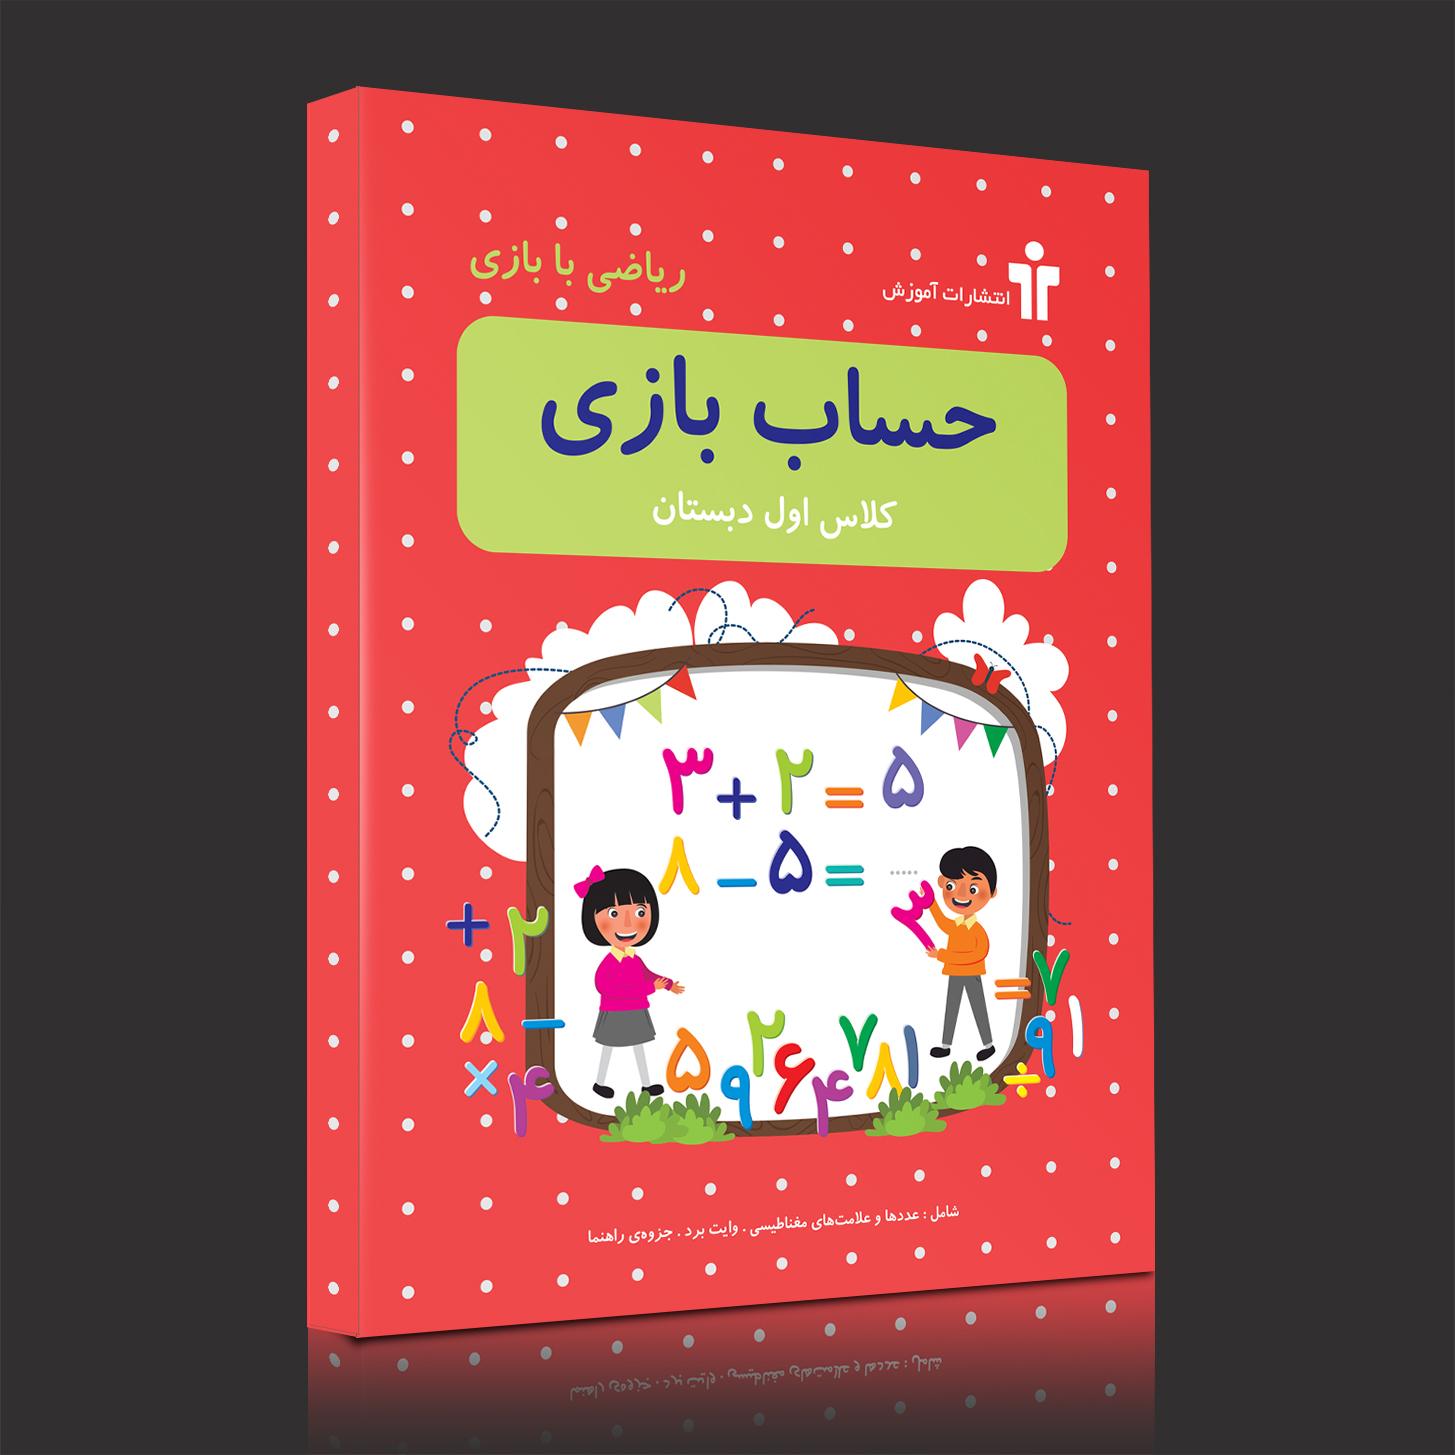 رياضي-بابازي-حساب-بازي-كلاس-اول(آموزش)-جعبه-اي